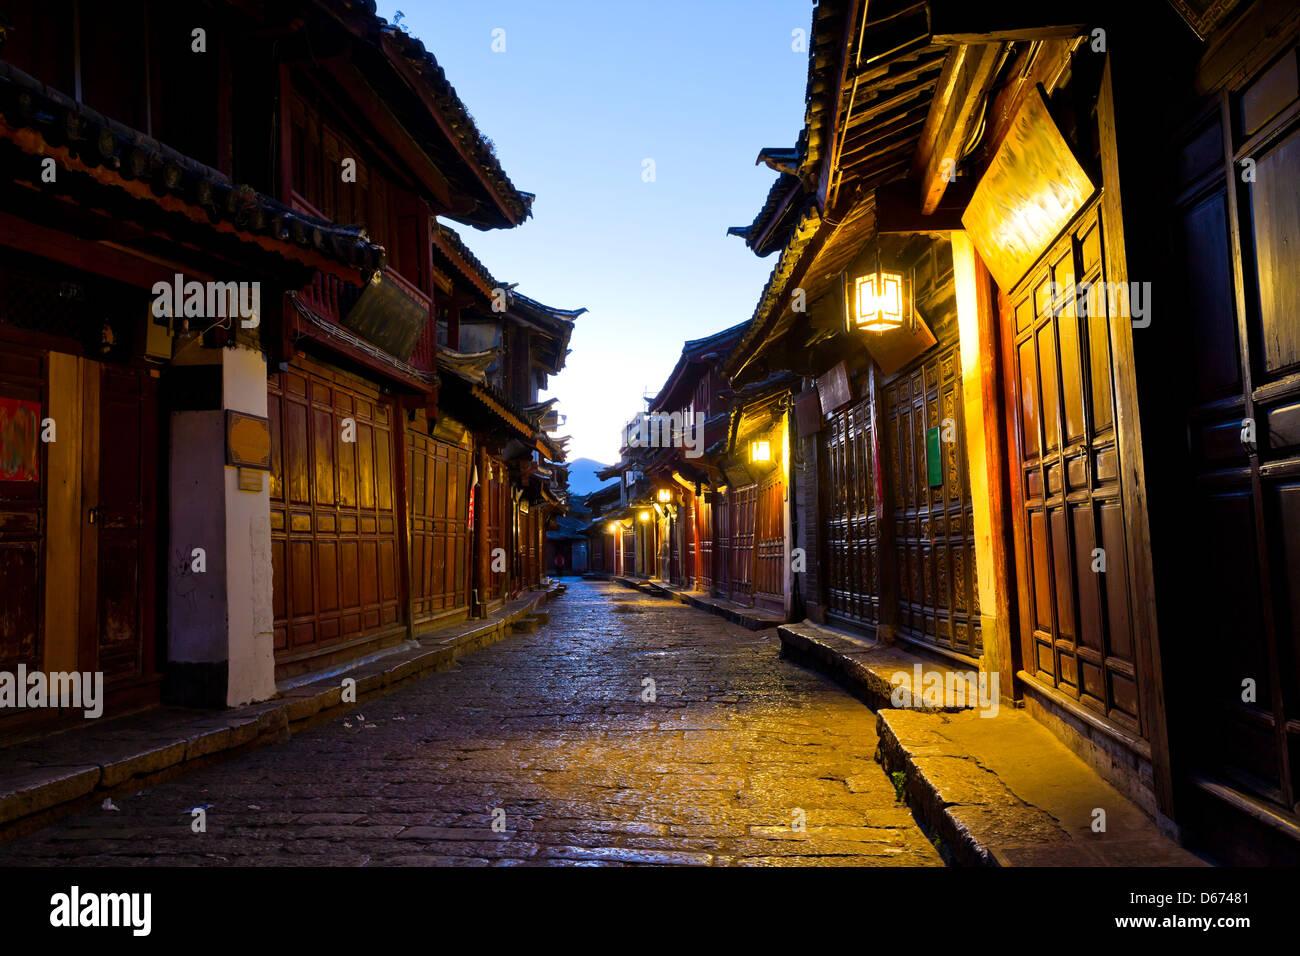 Lijiang old town at morning, China. - Stock Image